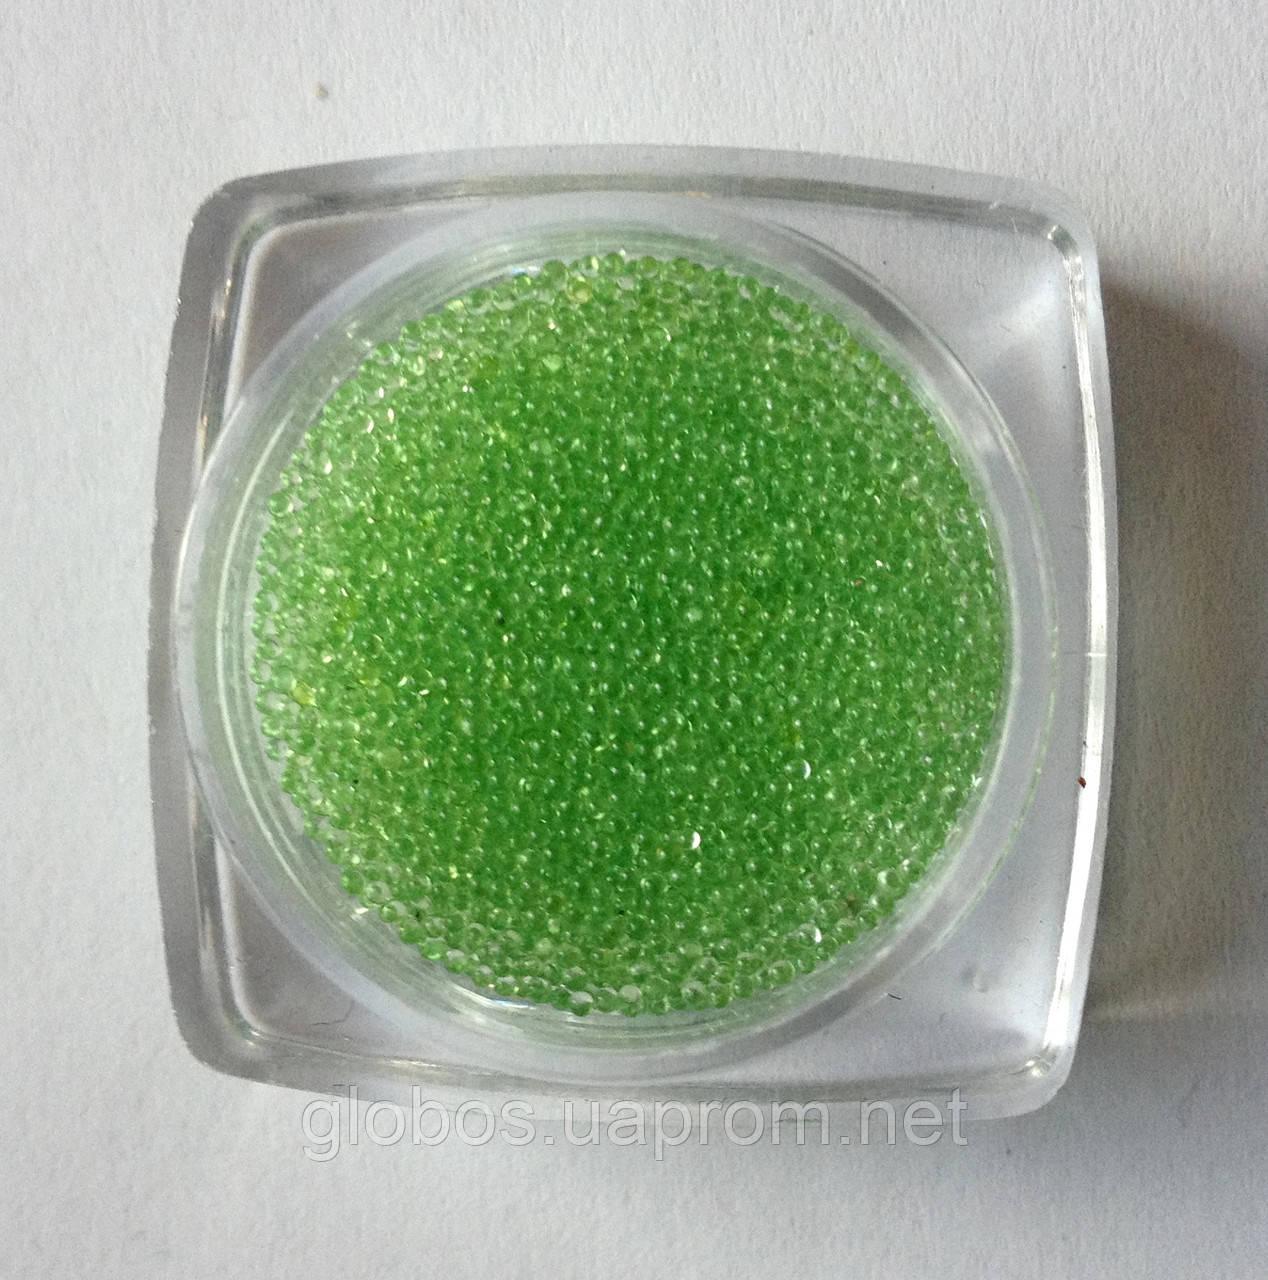 Бисер (бульонки) для декорирования ногтей и ресниц салатовый  IL 02-07